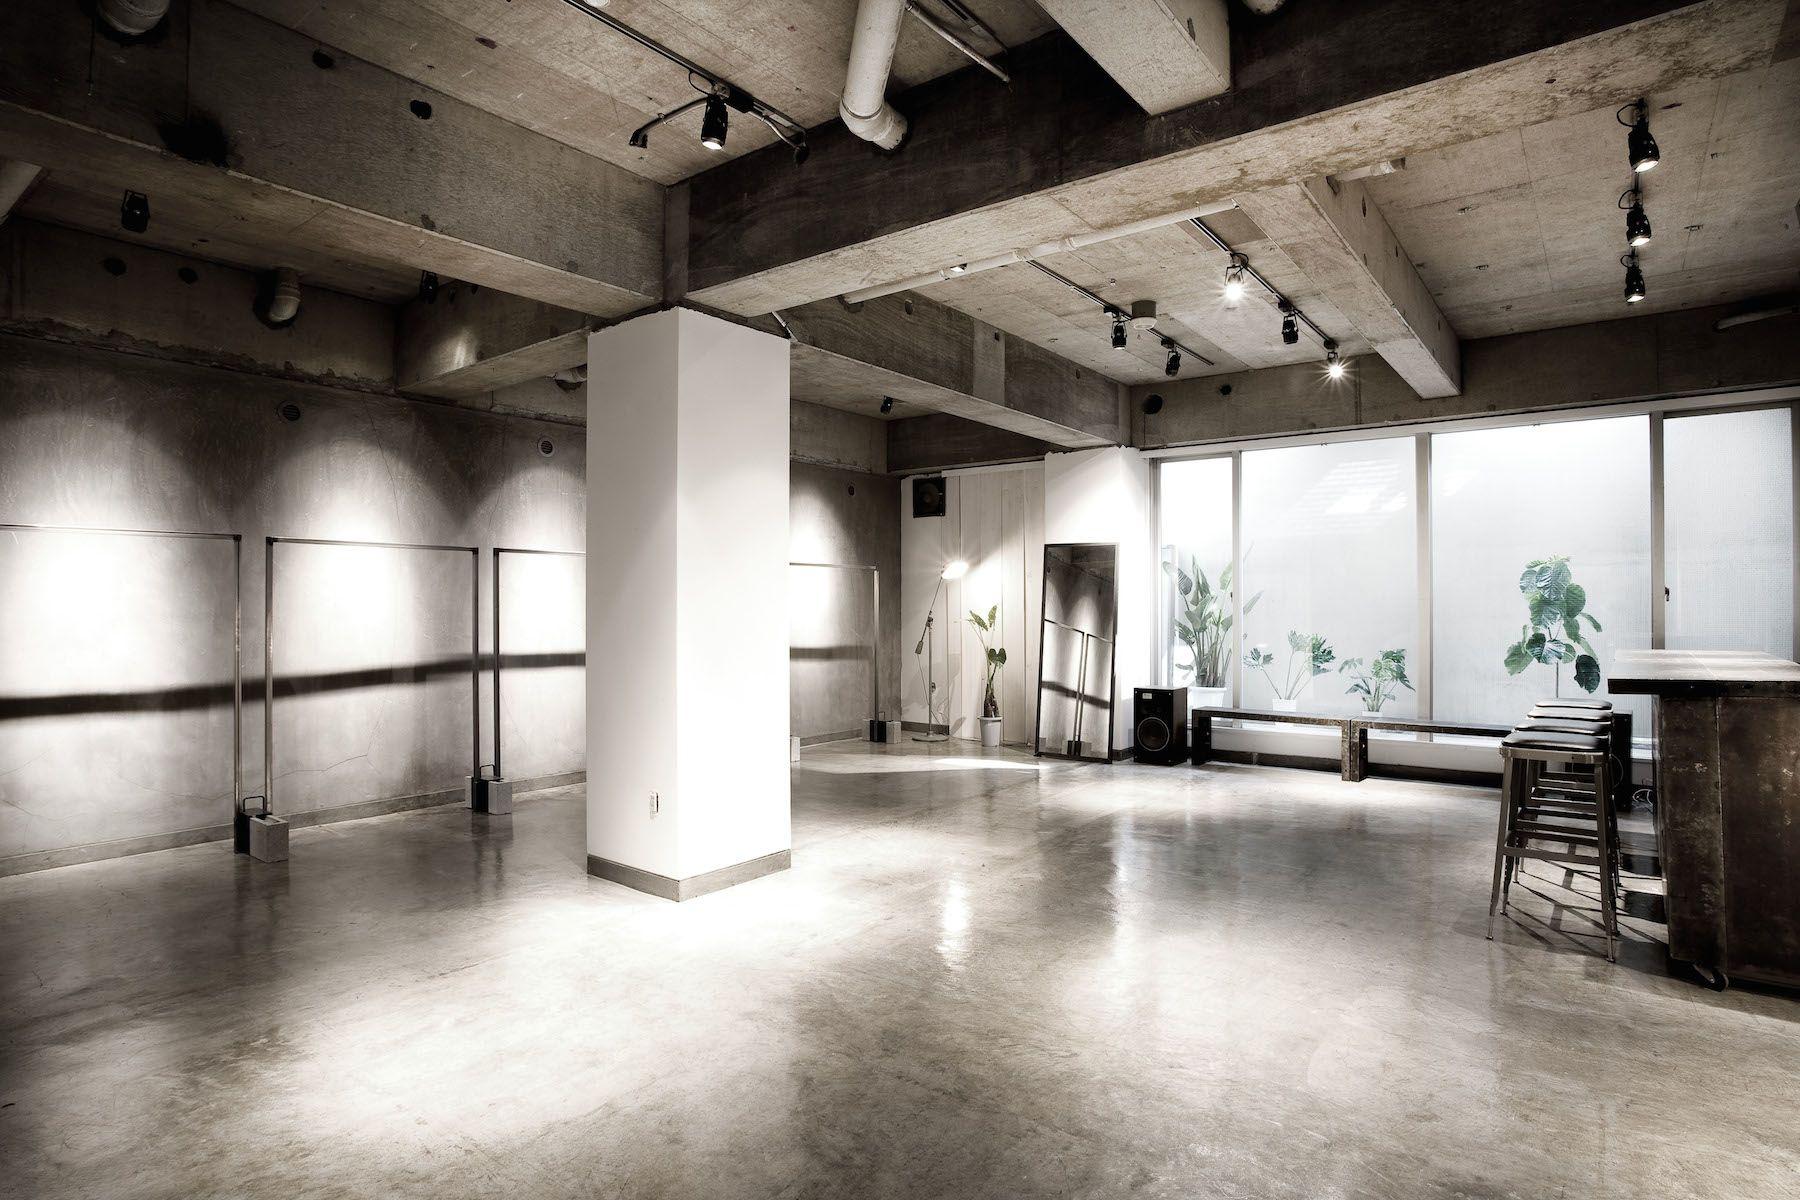 PANOF STUDIO EBISU (パノフ スタジオ エビス)